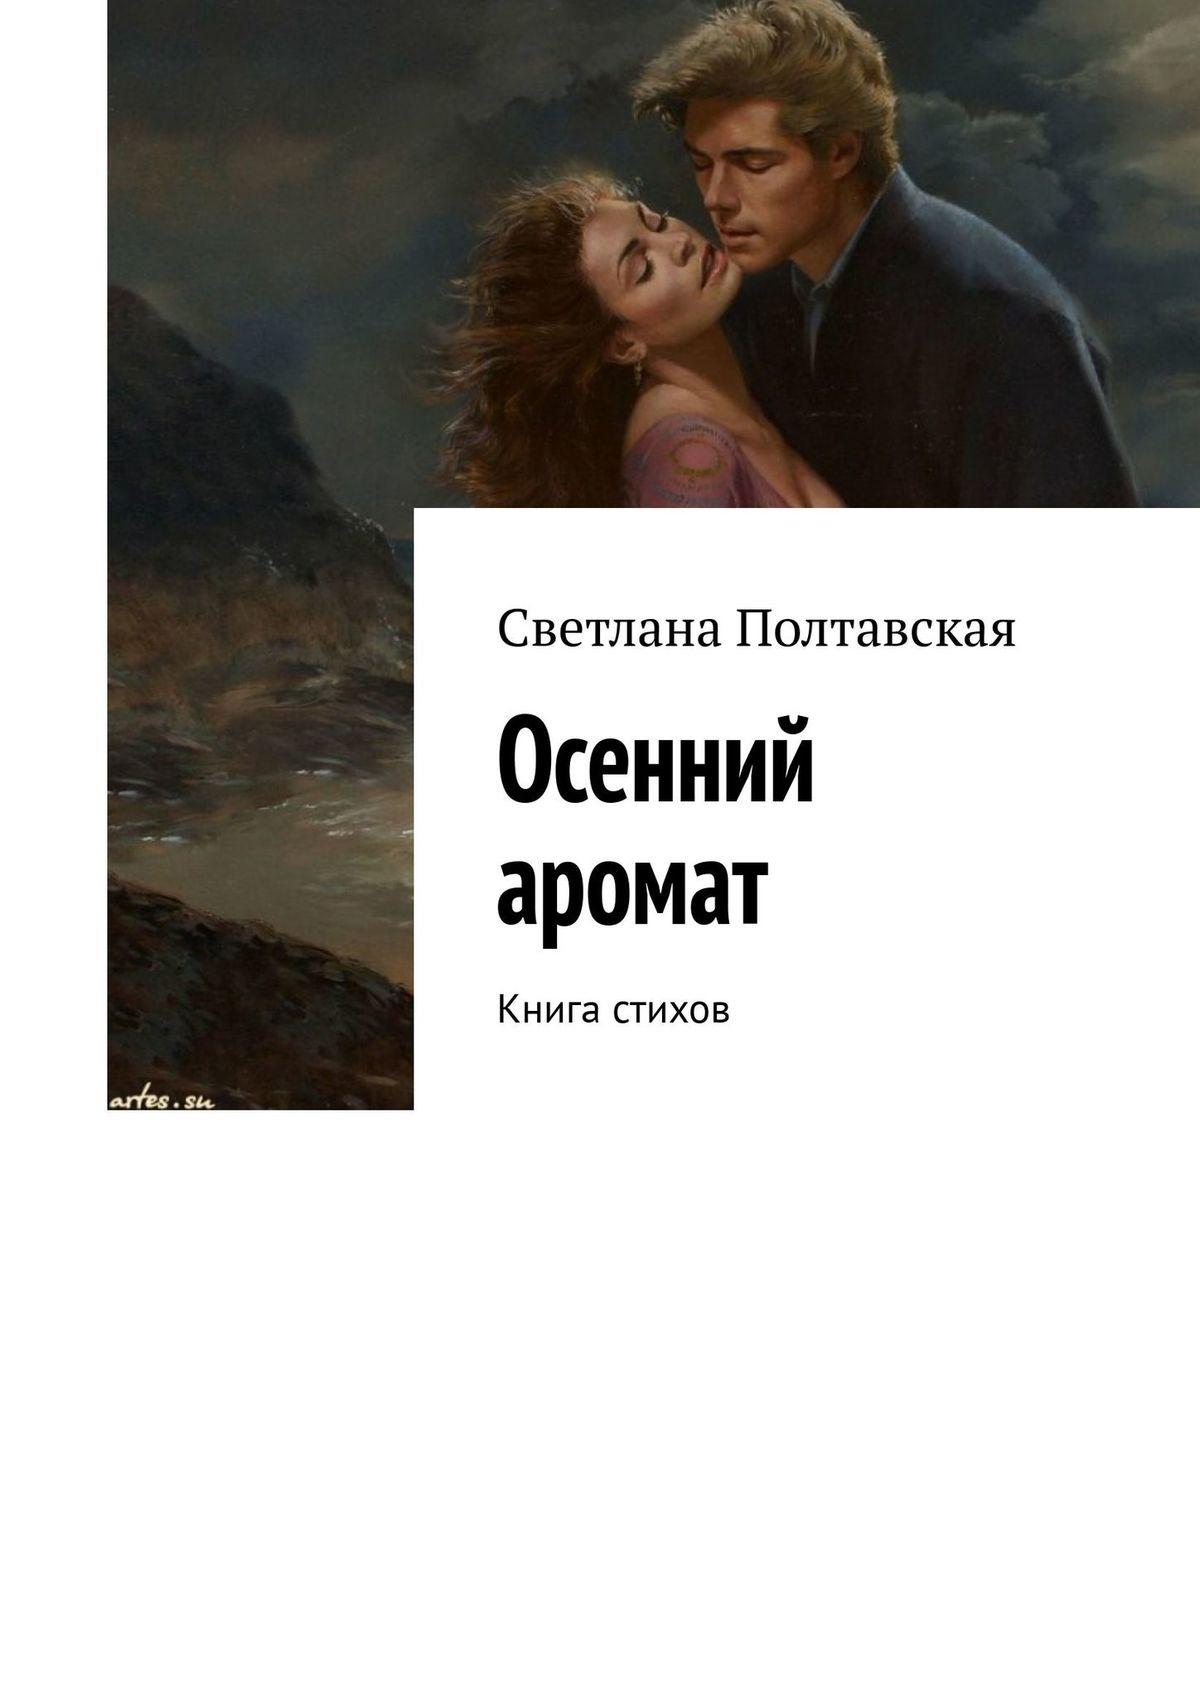 Светлана Полтавская Осенний аромат. Книга стихов